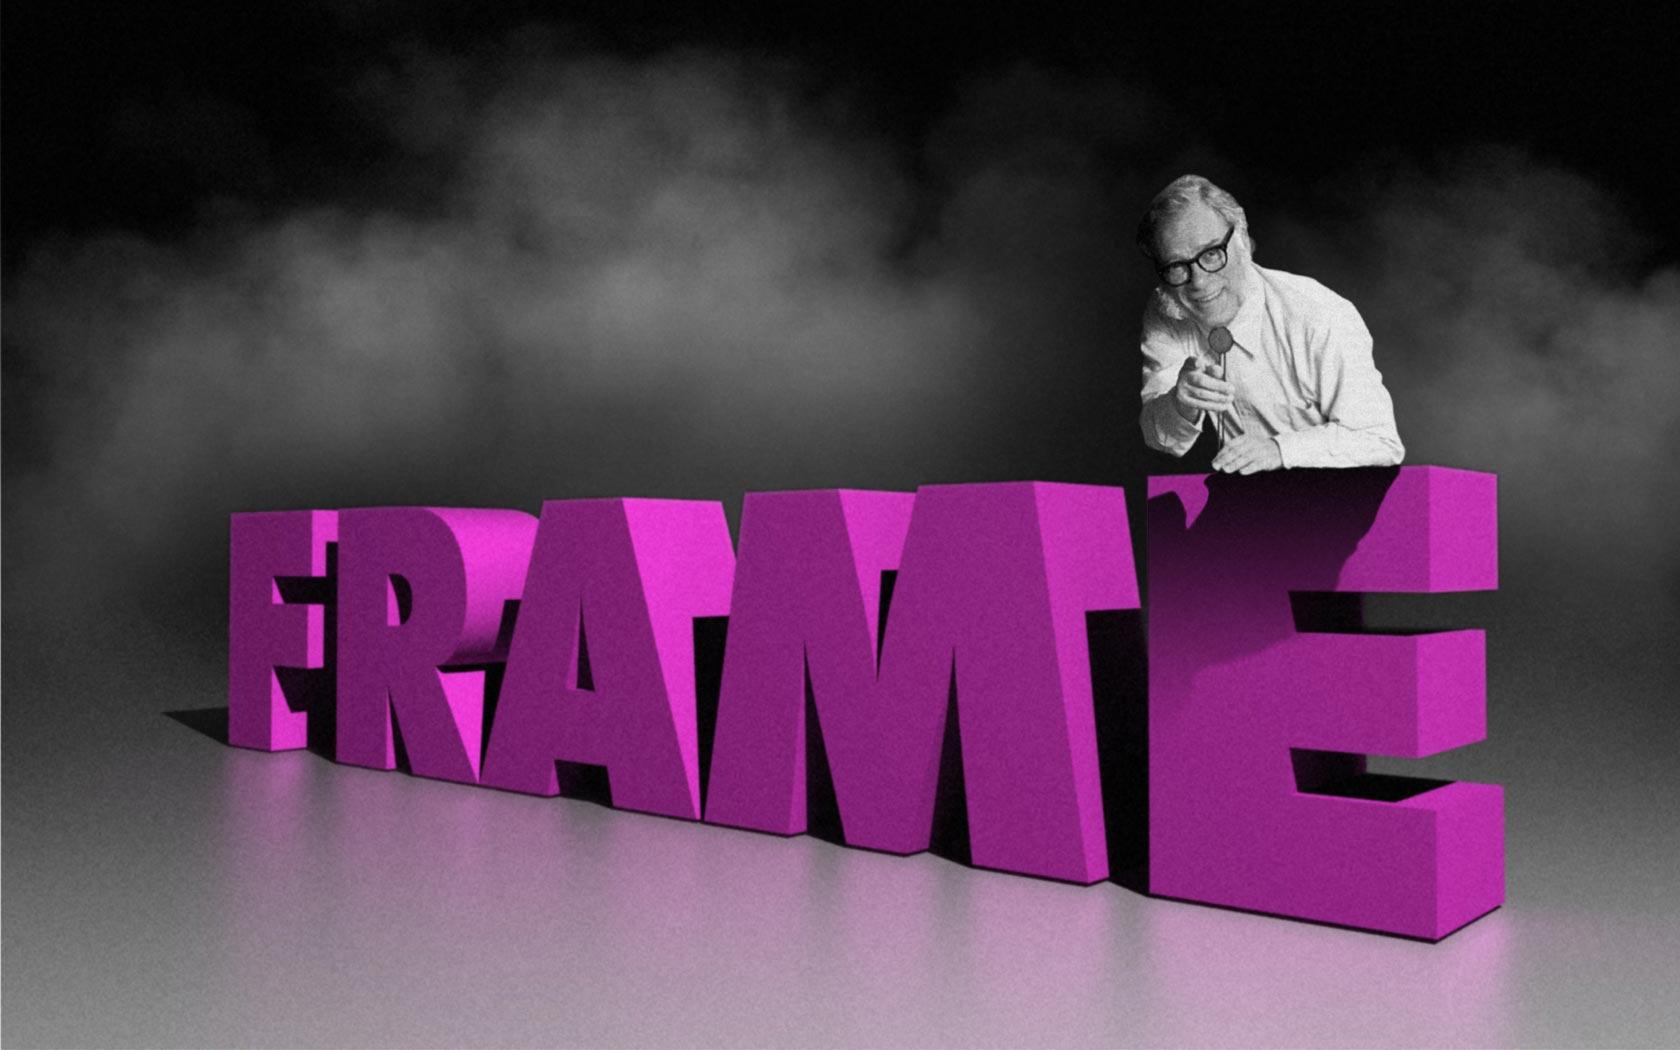 frame a - Www Frame Com